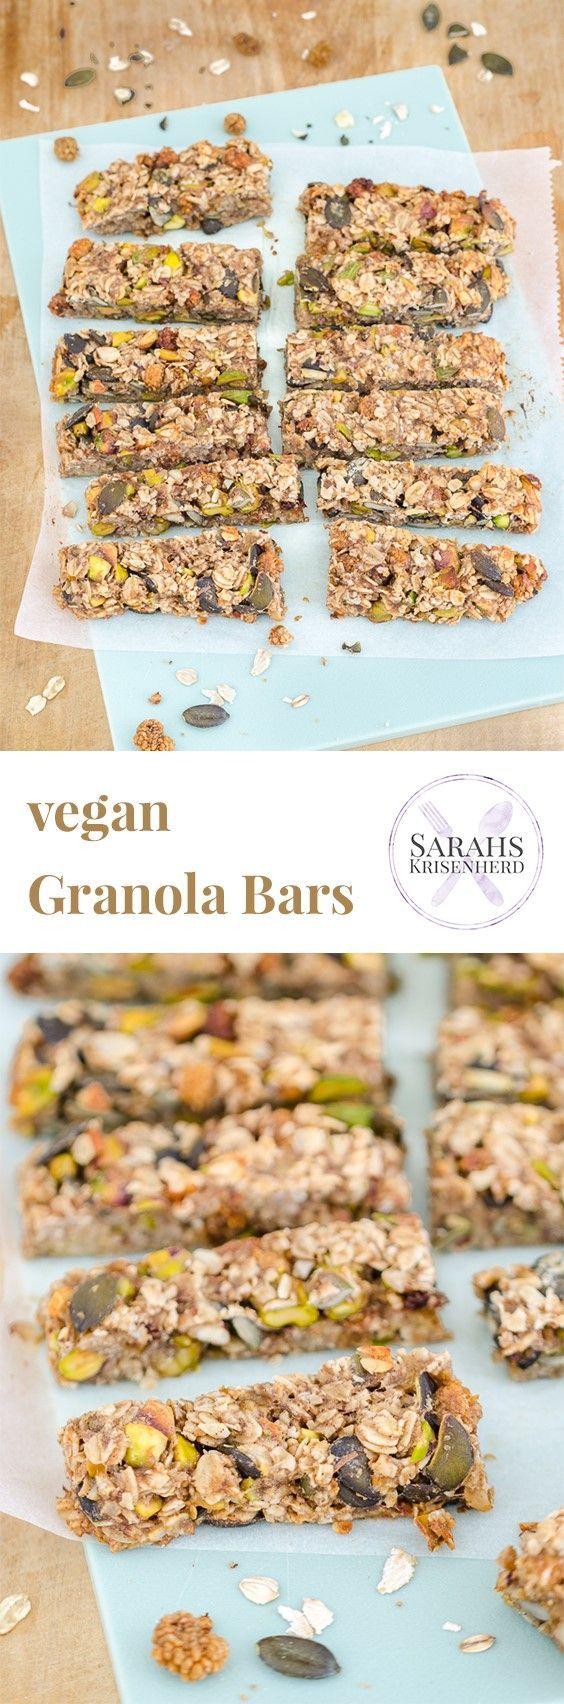 Granola Bars mit Pistazien, Kürbiskernen und Maulbeeren - lecker, gesund und vegan!